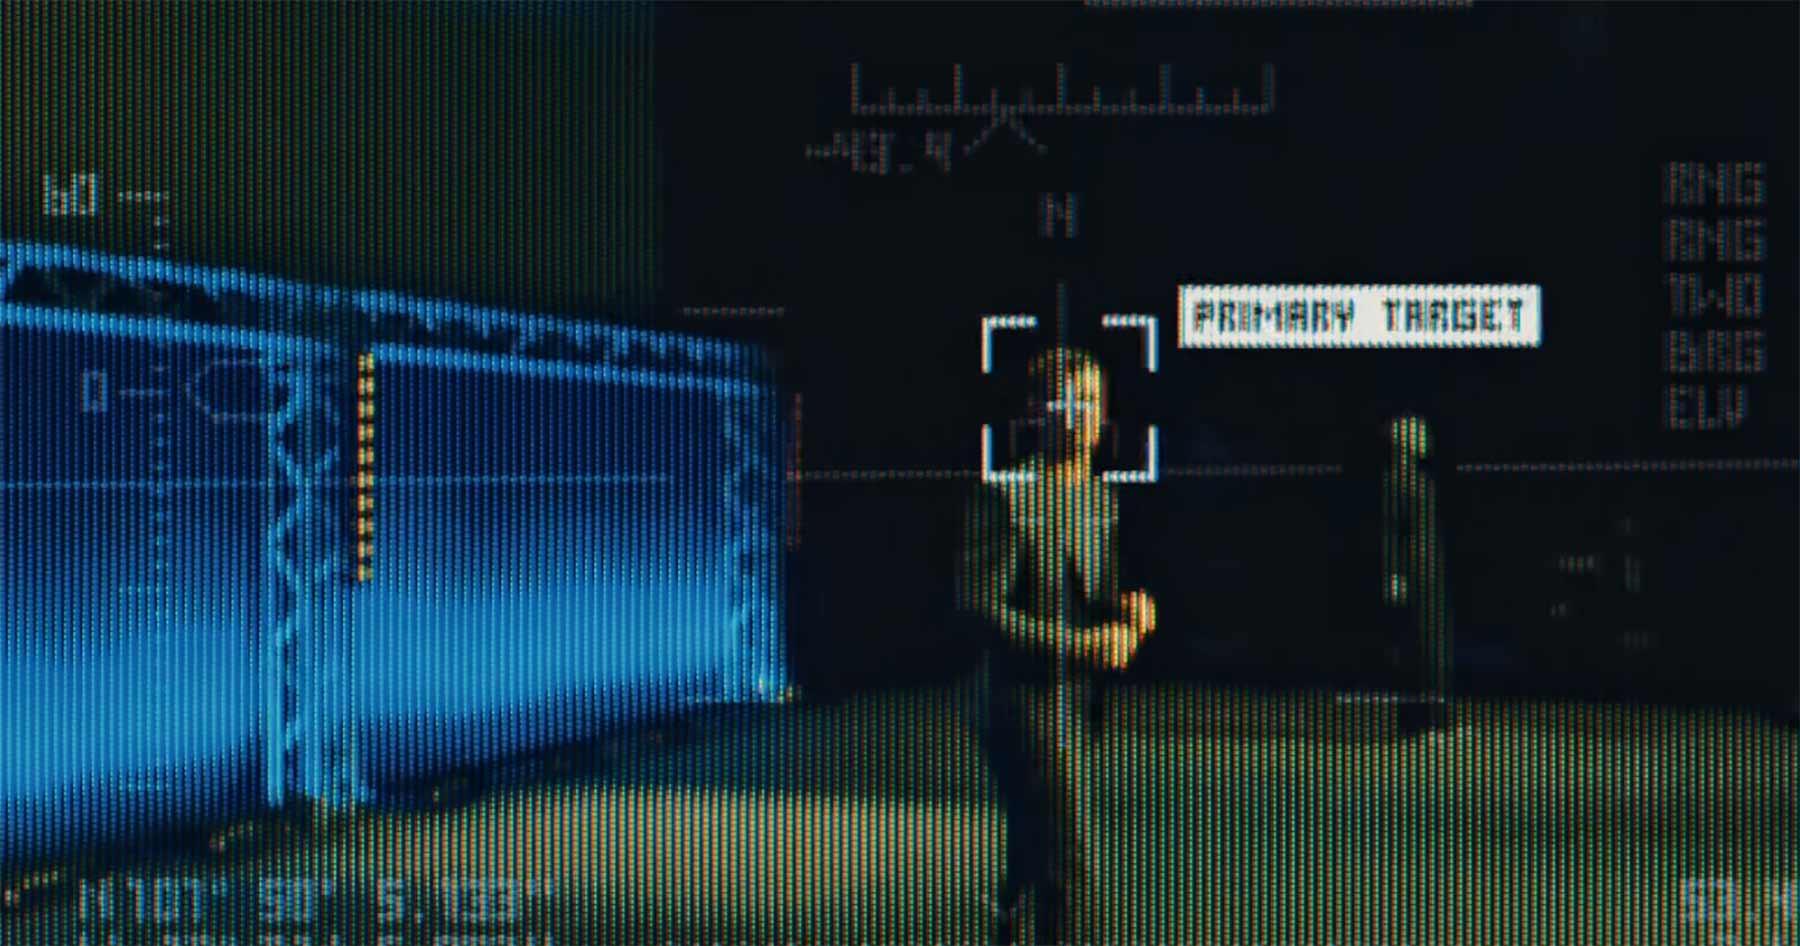 Killer-Minidrohnen mit künstlicher Intelligenz